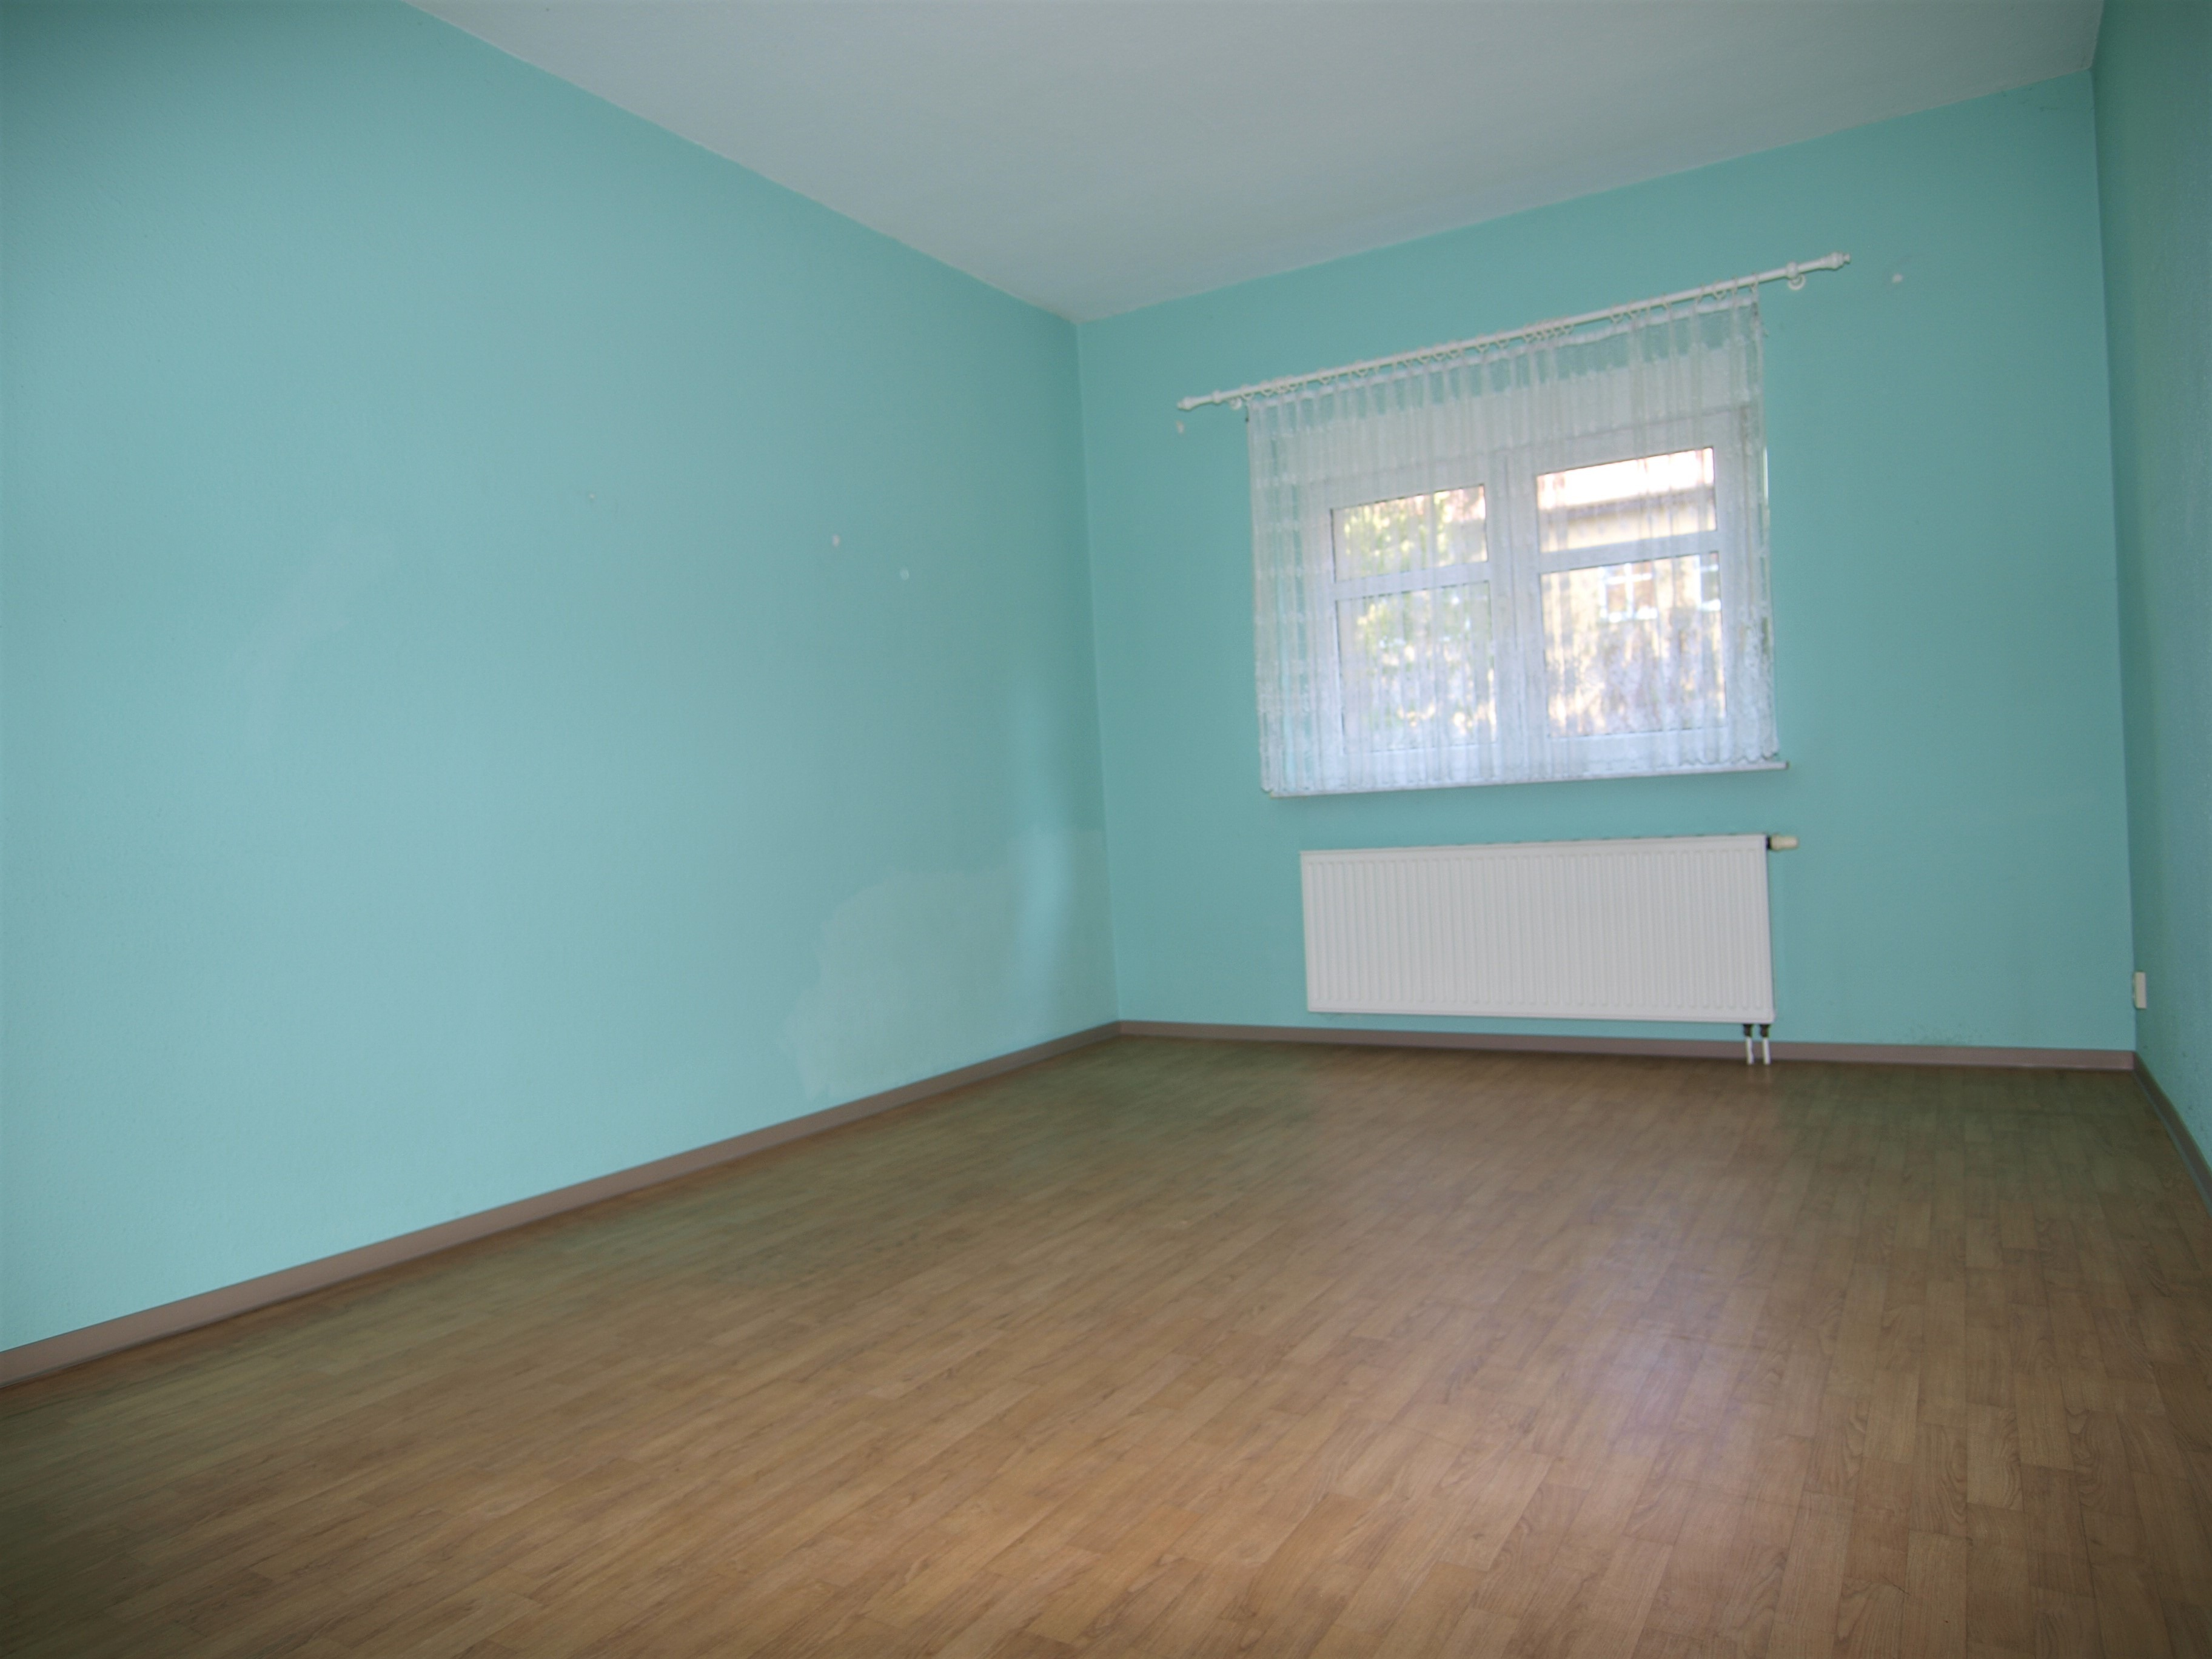 Eigentumswohnung Halle - weiteres Schlaf- oder Kinderzimmer